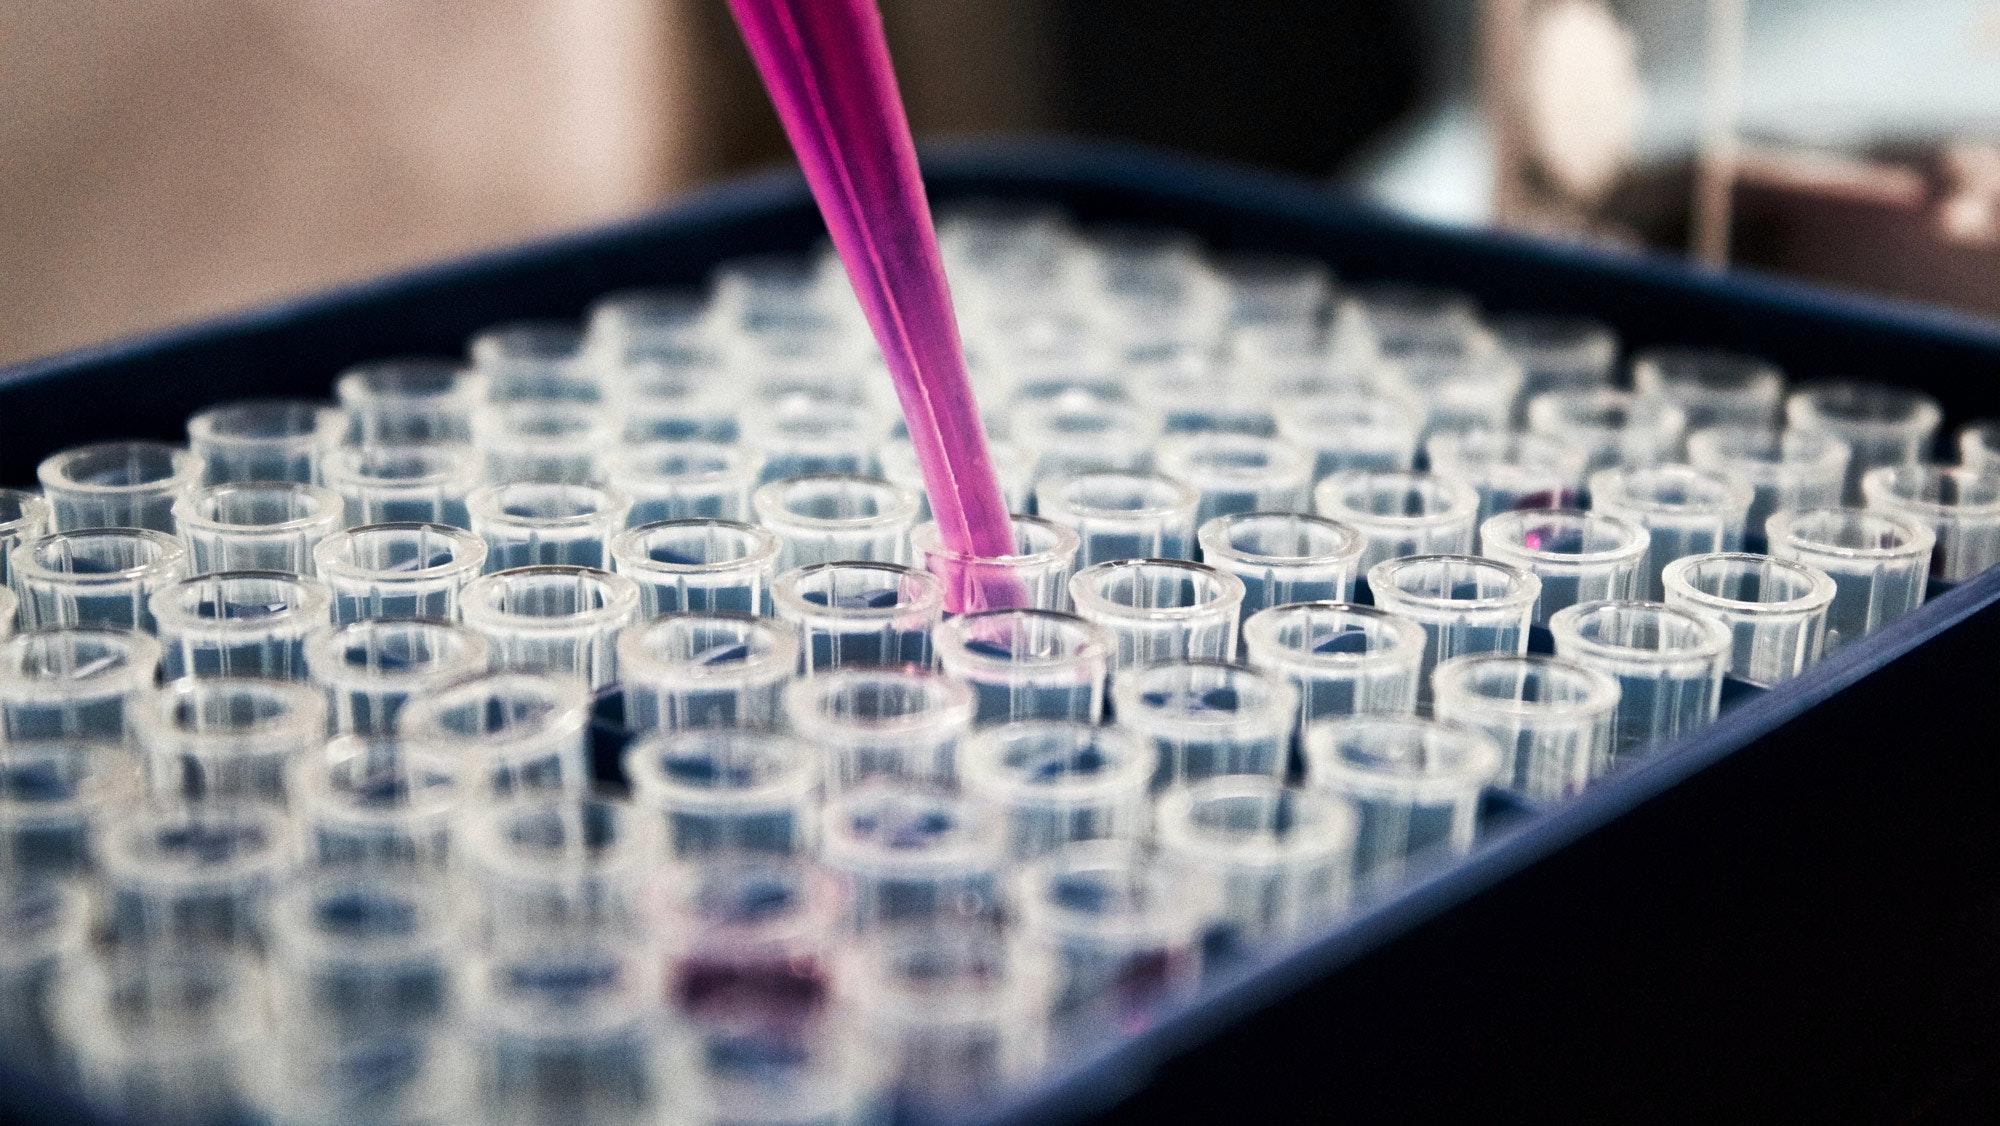 Test en laboratoire